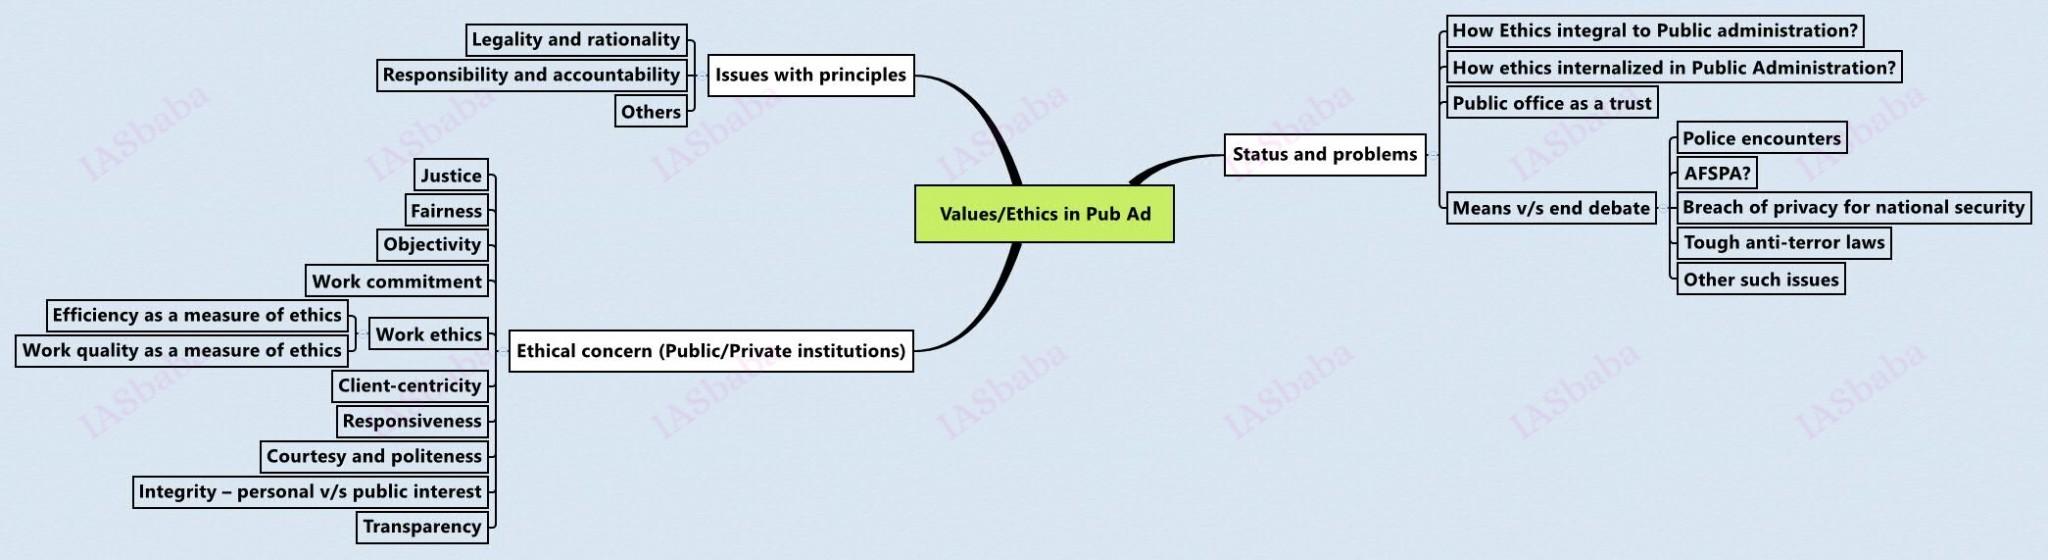 Ethics in Pub Ad